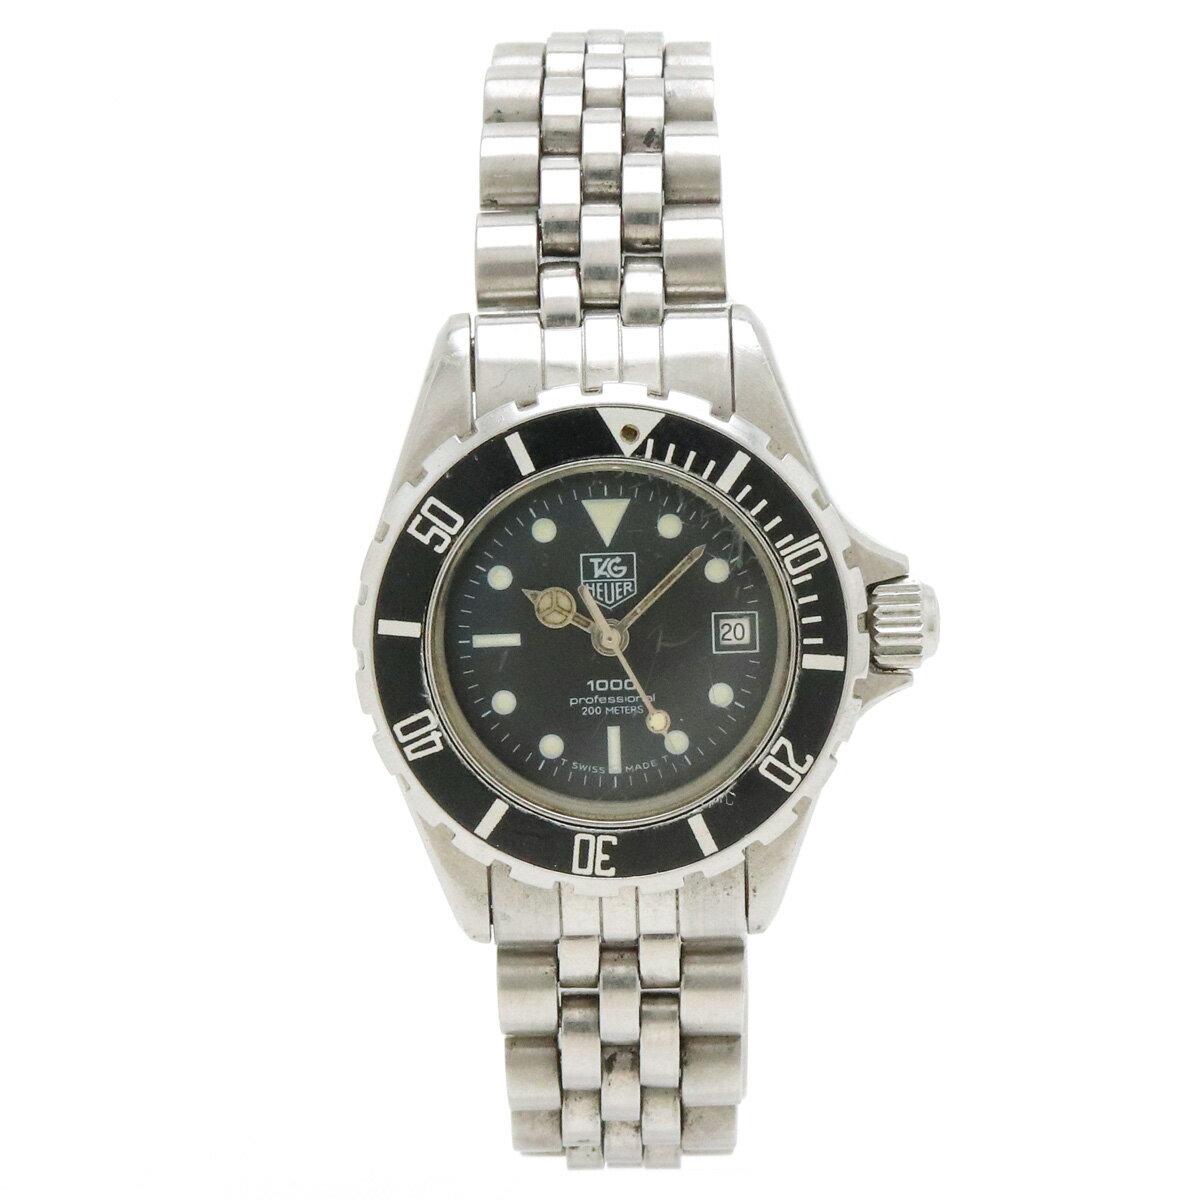 腕時計, メンズ腕時計  TAG Heuer 200m 1000 980.008N